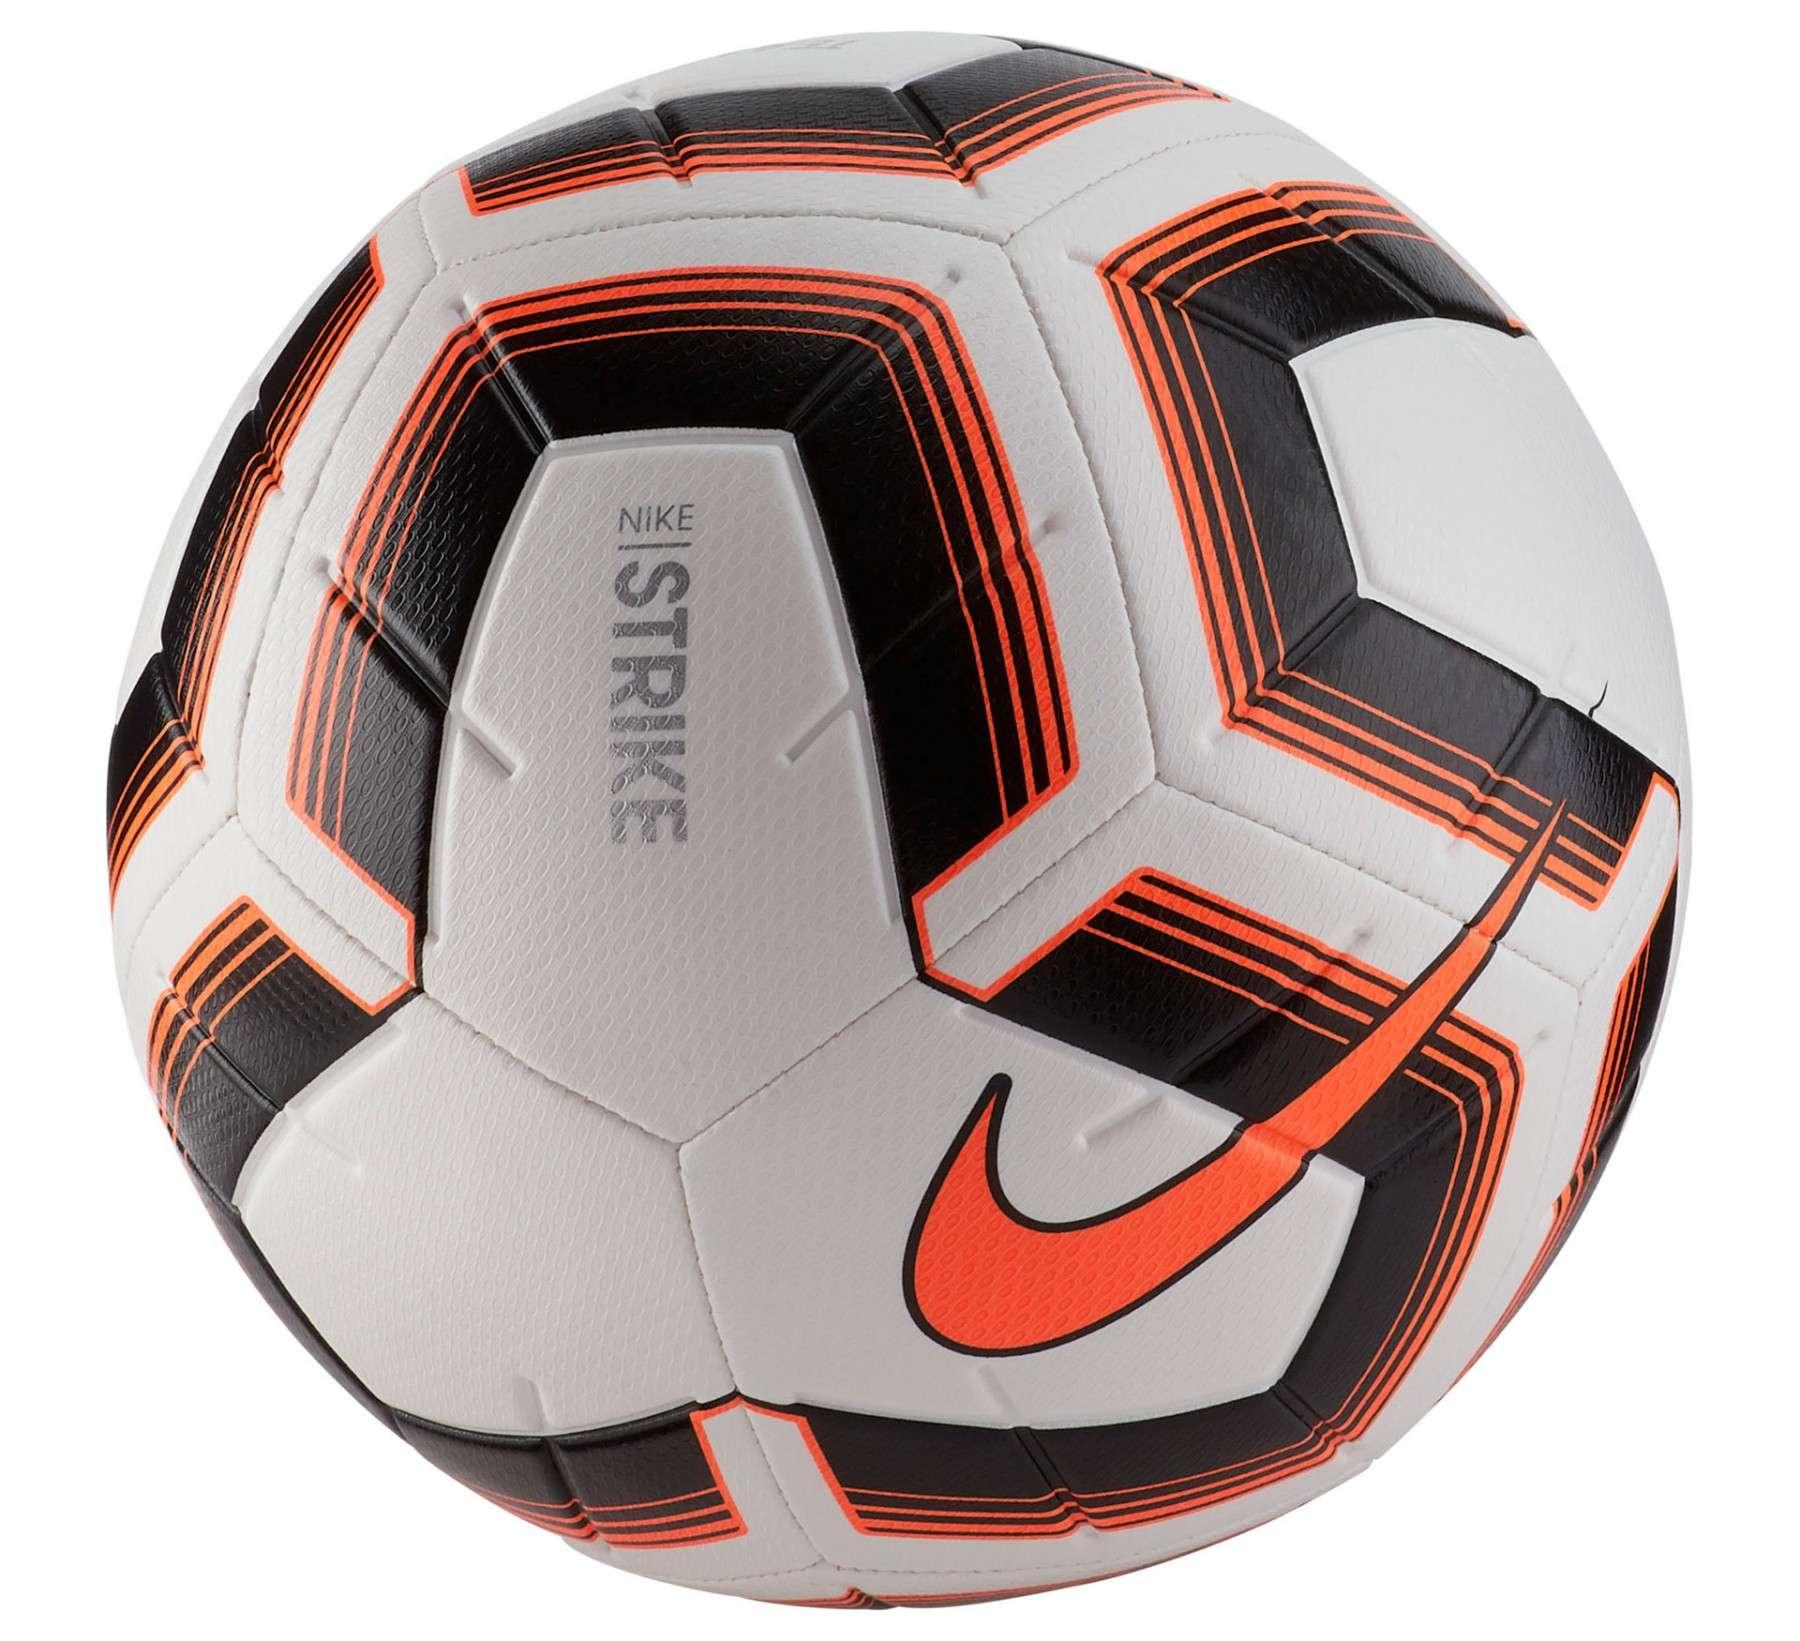 Fussball Nike Striker Team Weiss Schwarz Orange